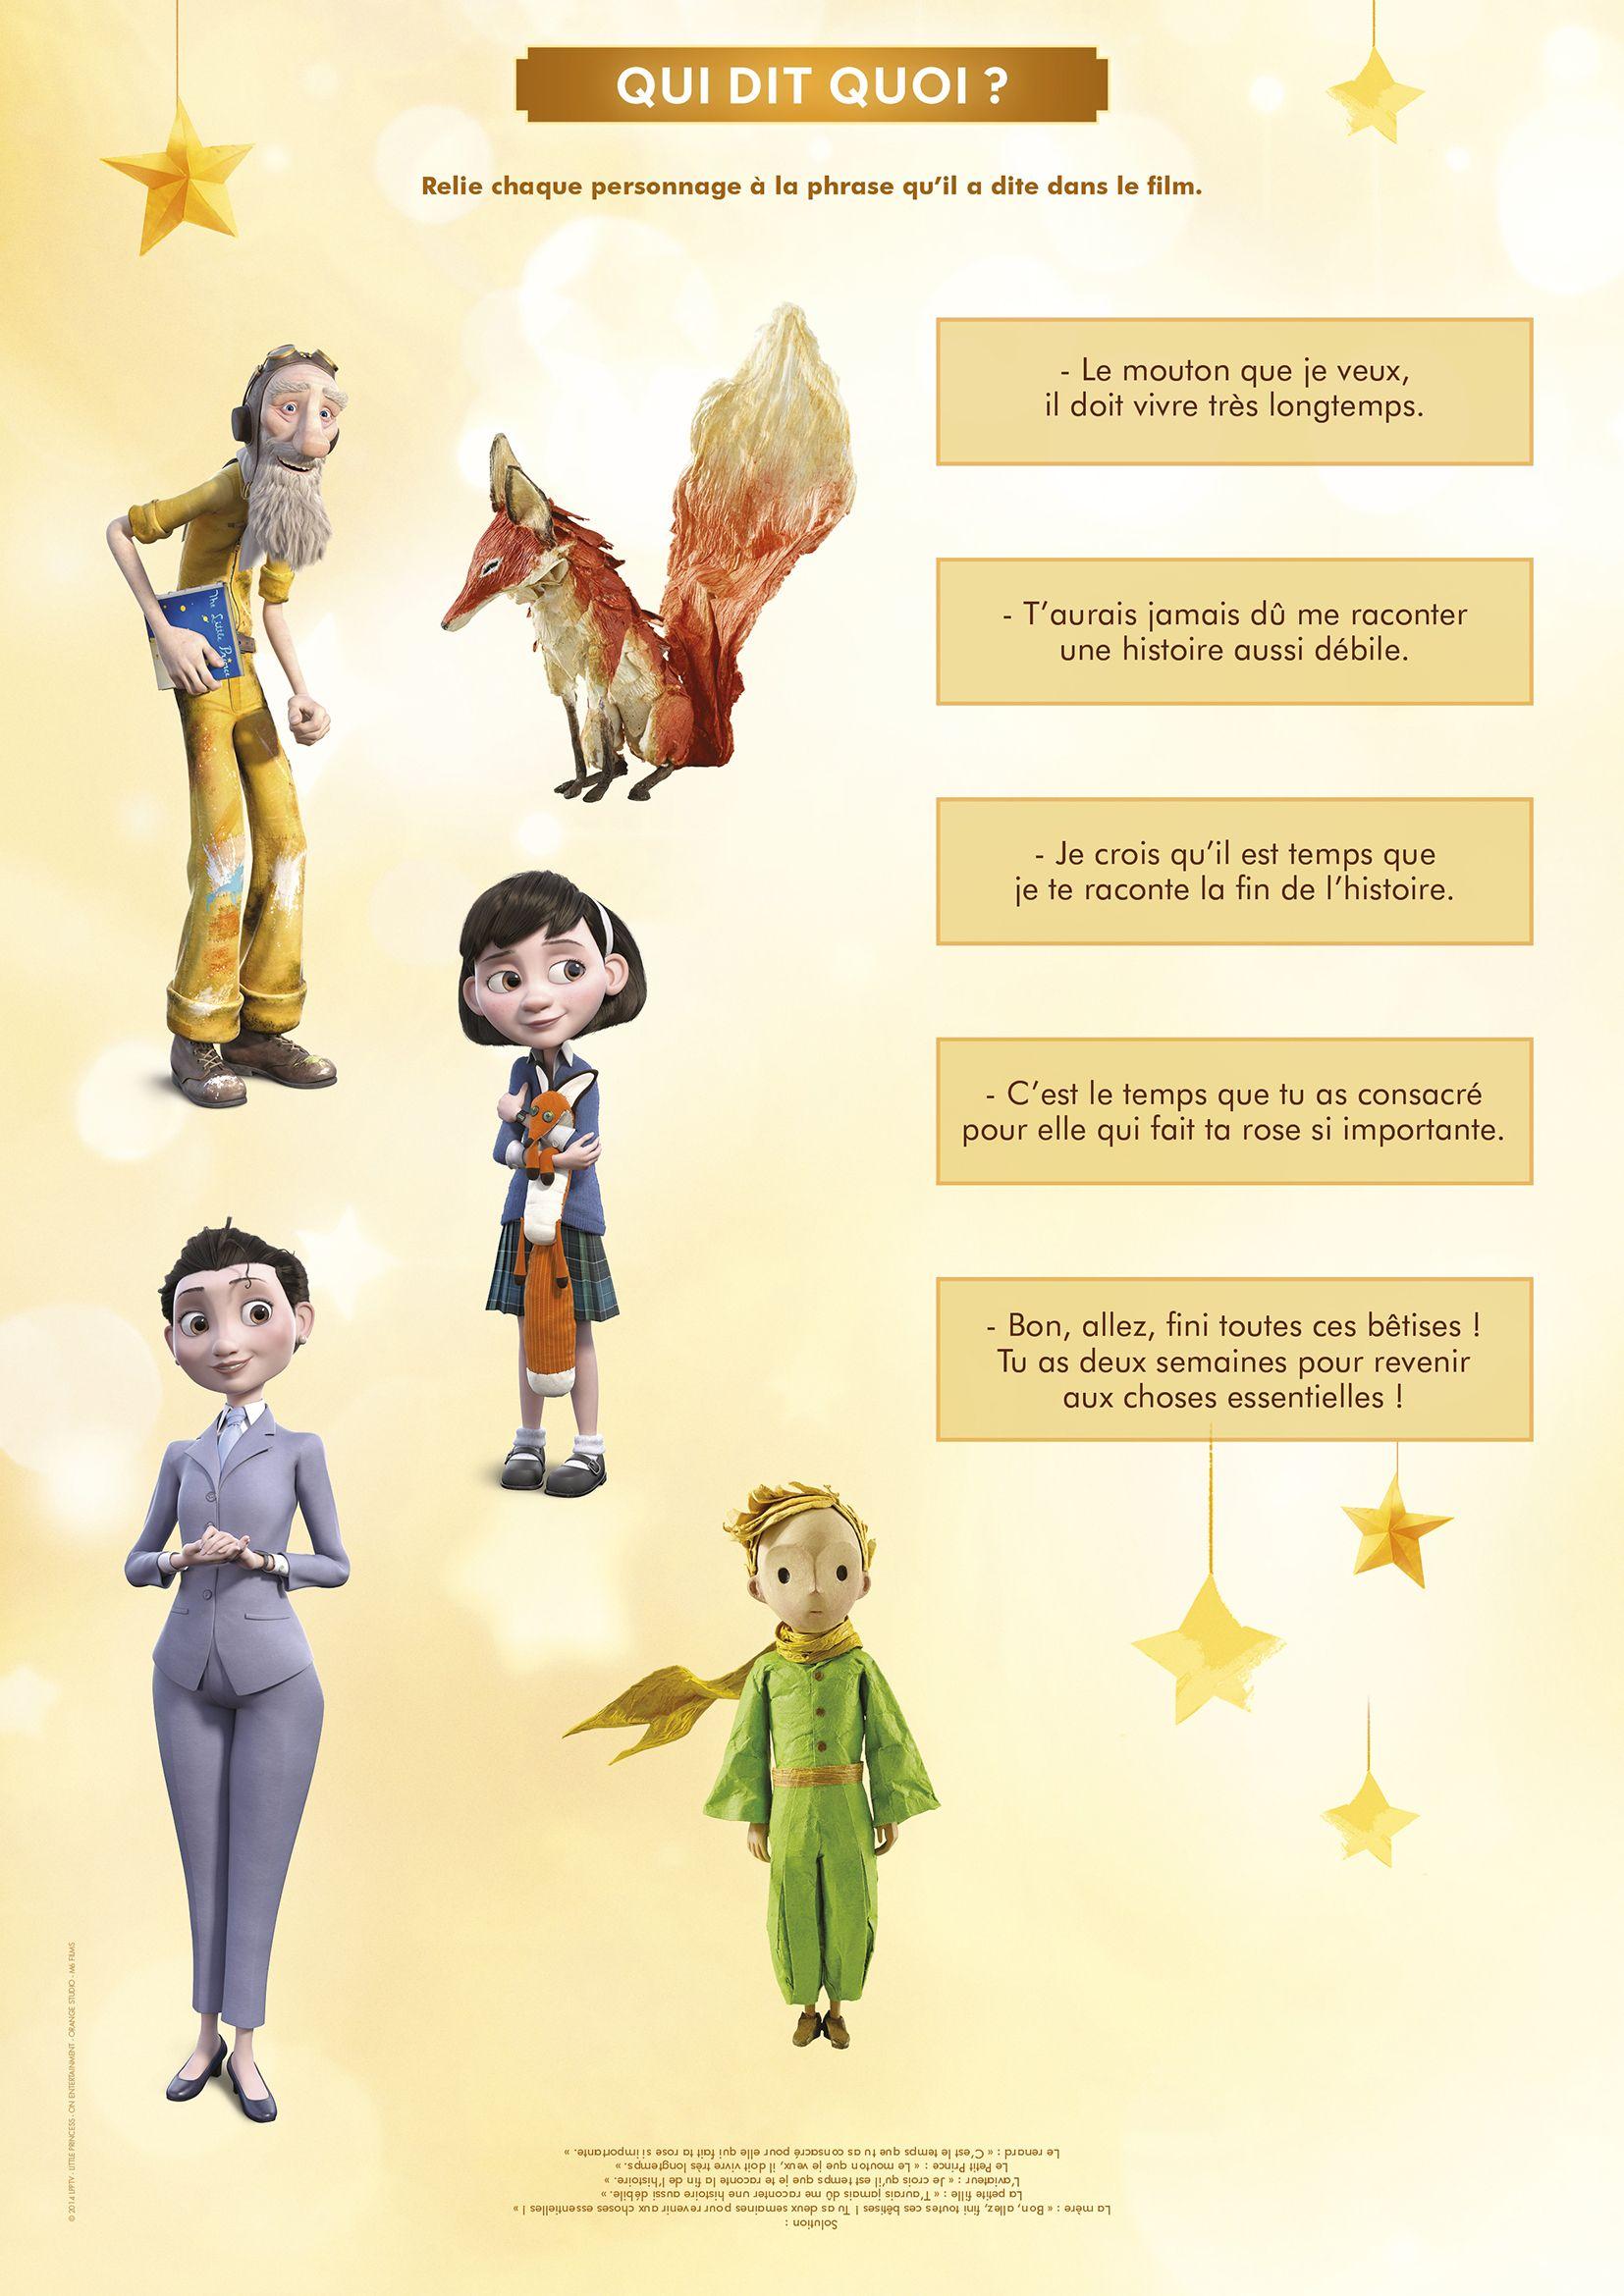 Le Petit Prince : Qui dit-quoi ?   Pinterest